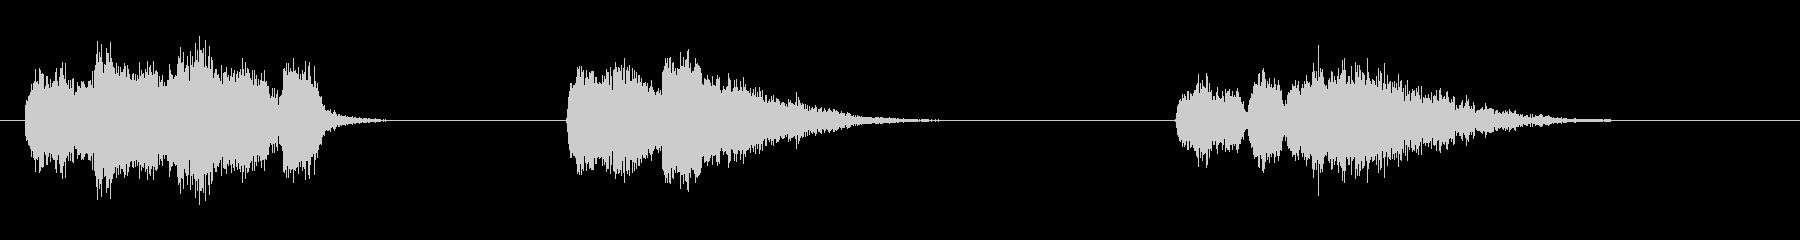 爆発3の未再生の波形